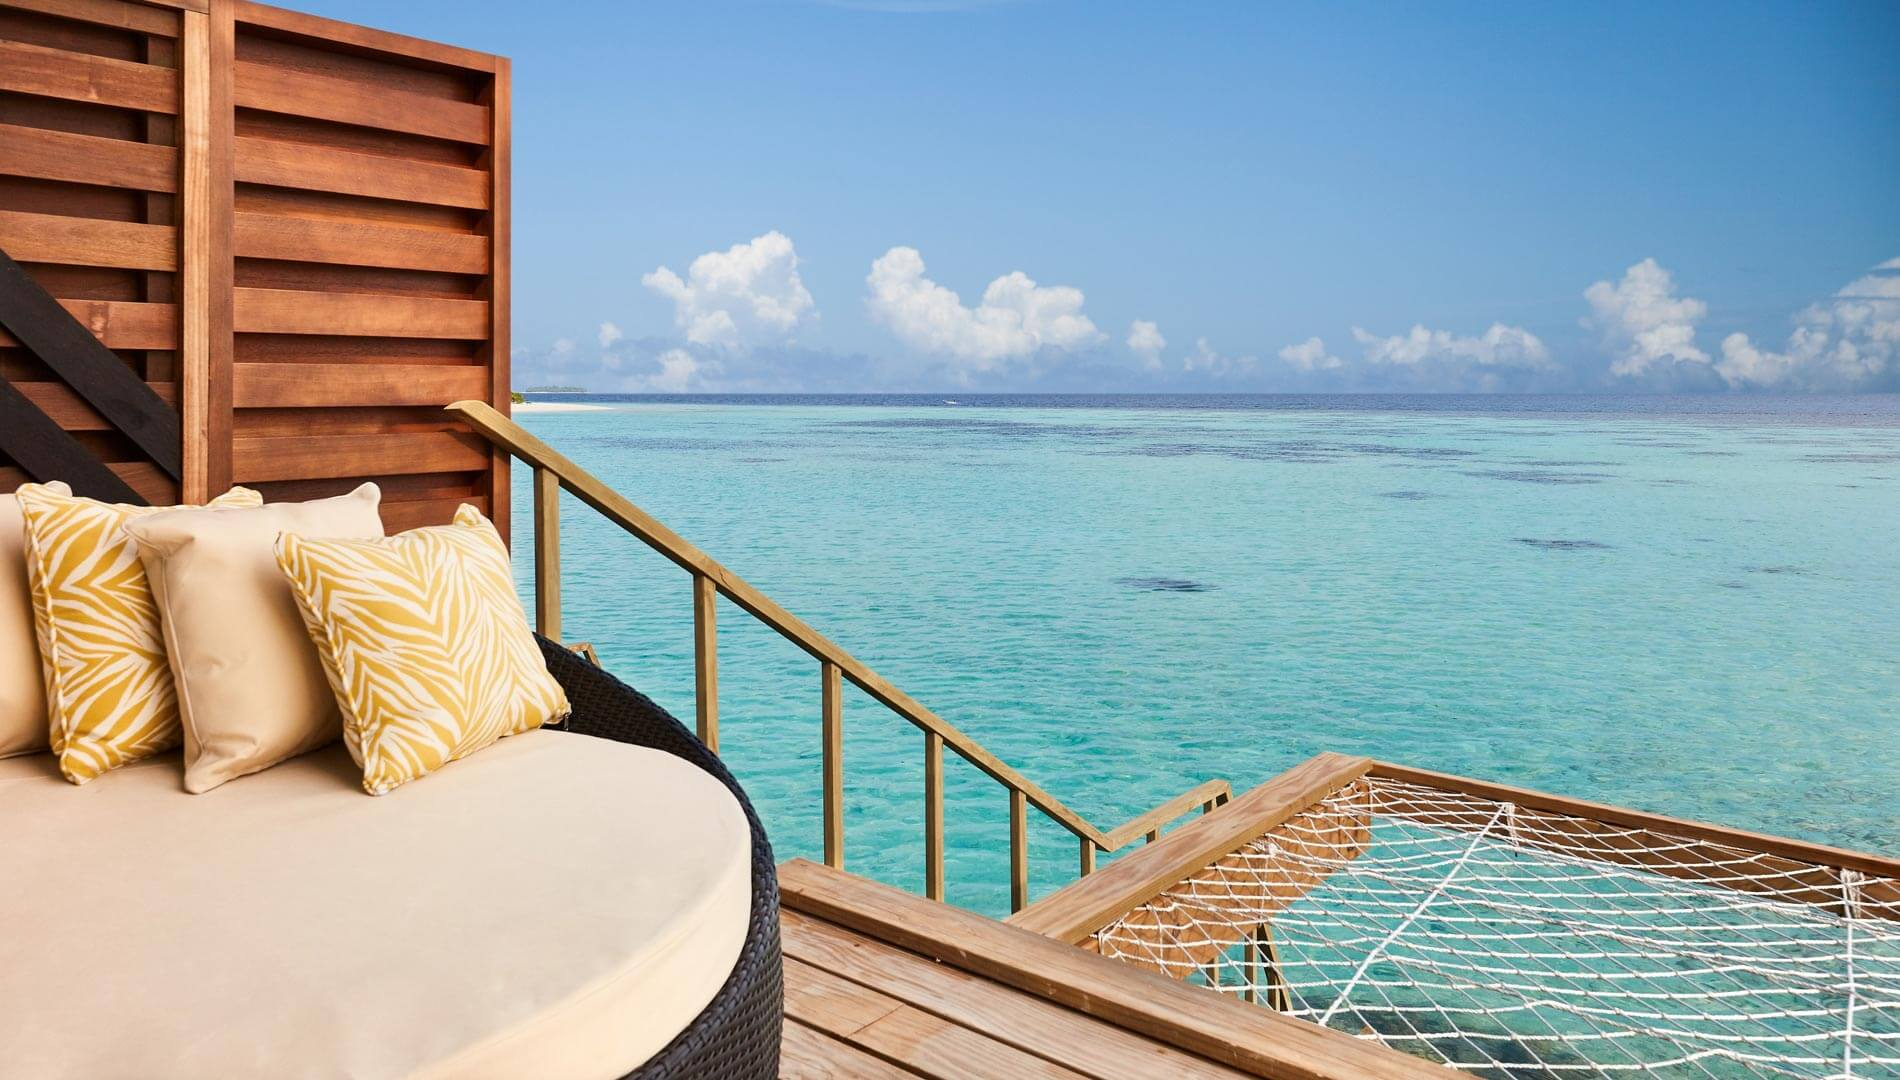 去馬爾代夫阿瑪瑞必住水屋的五大原因